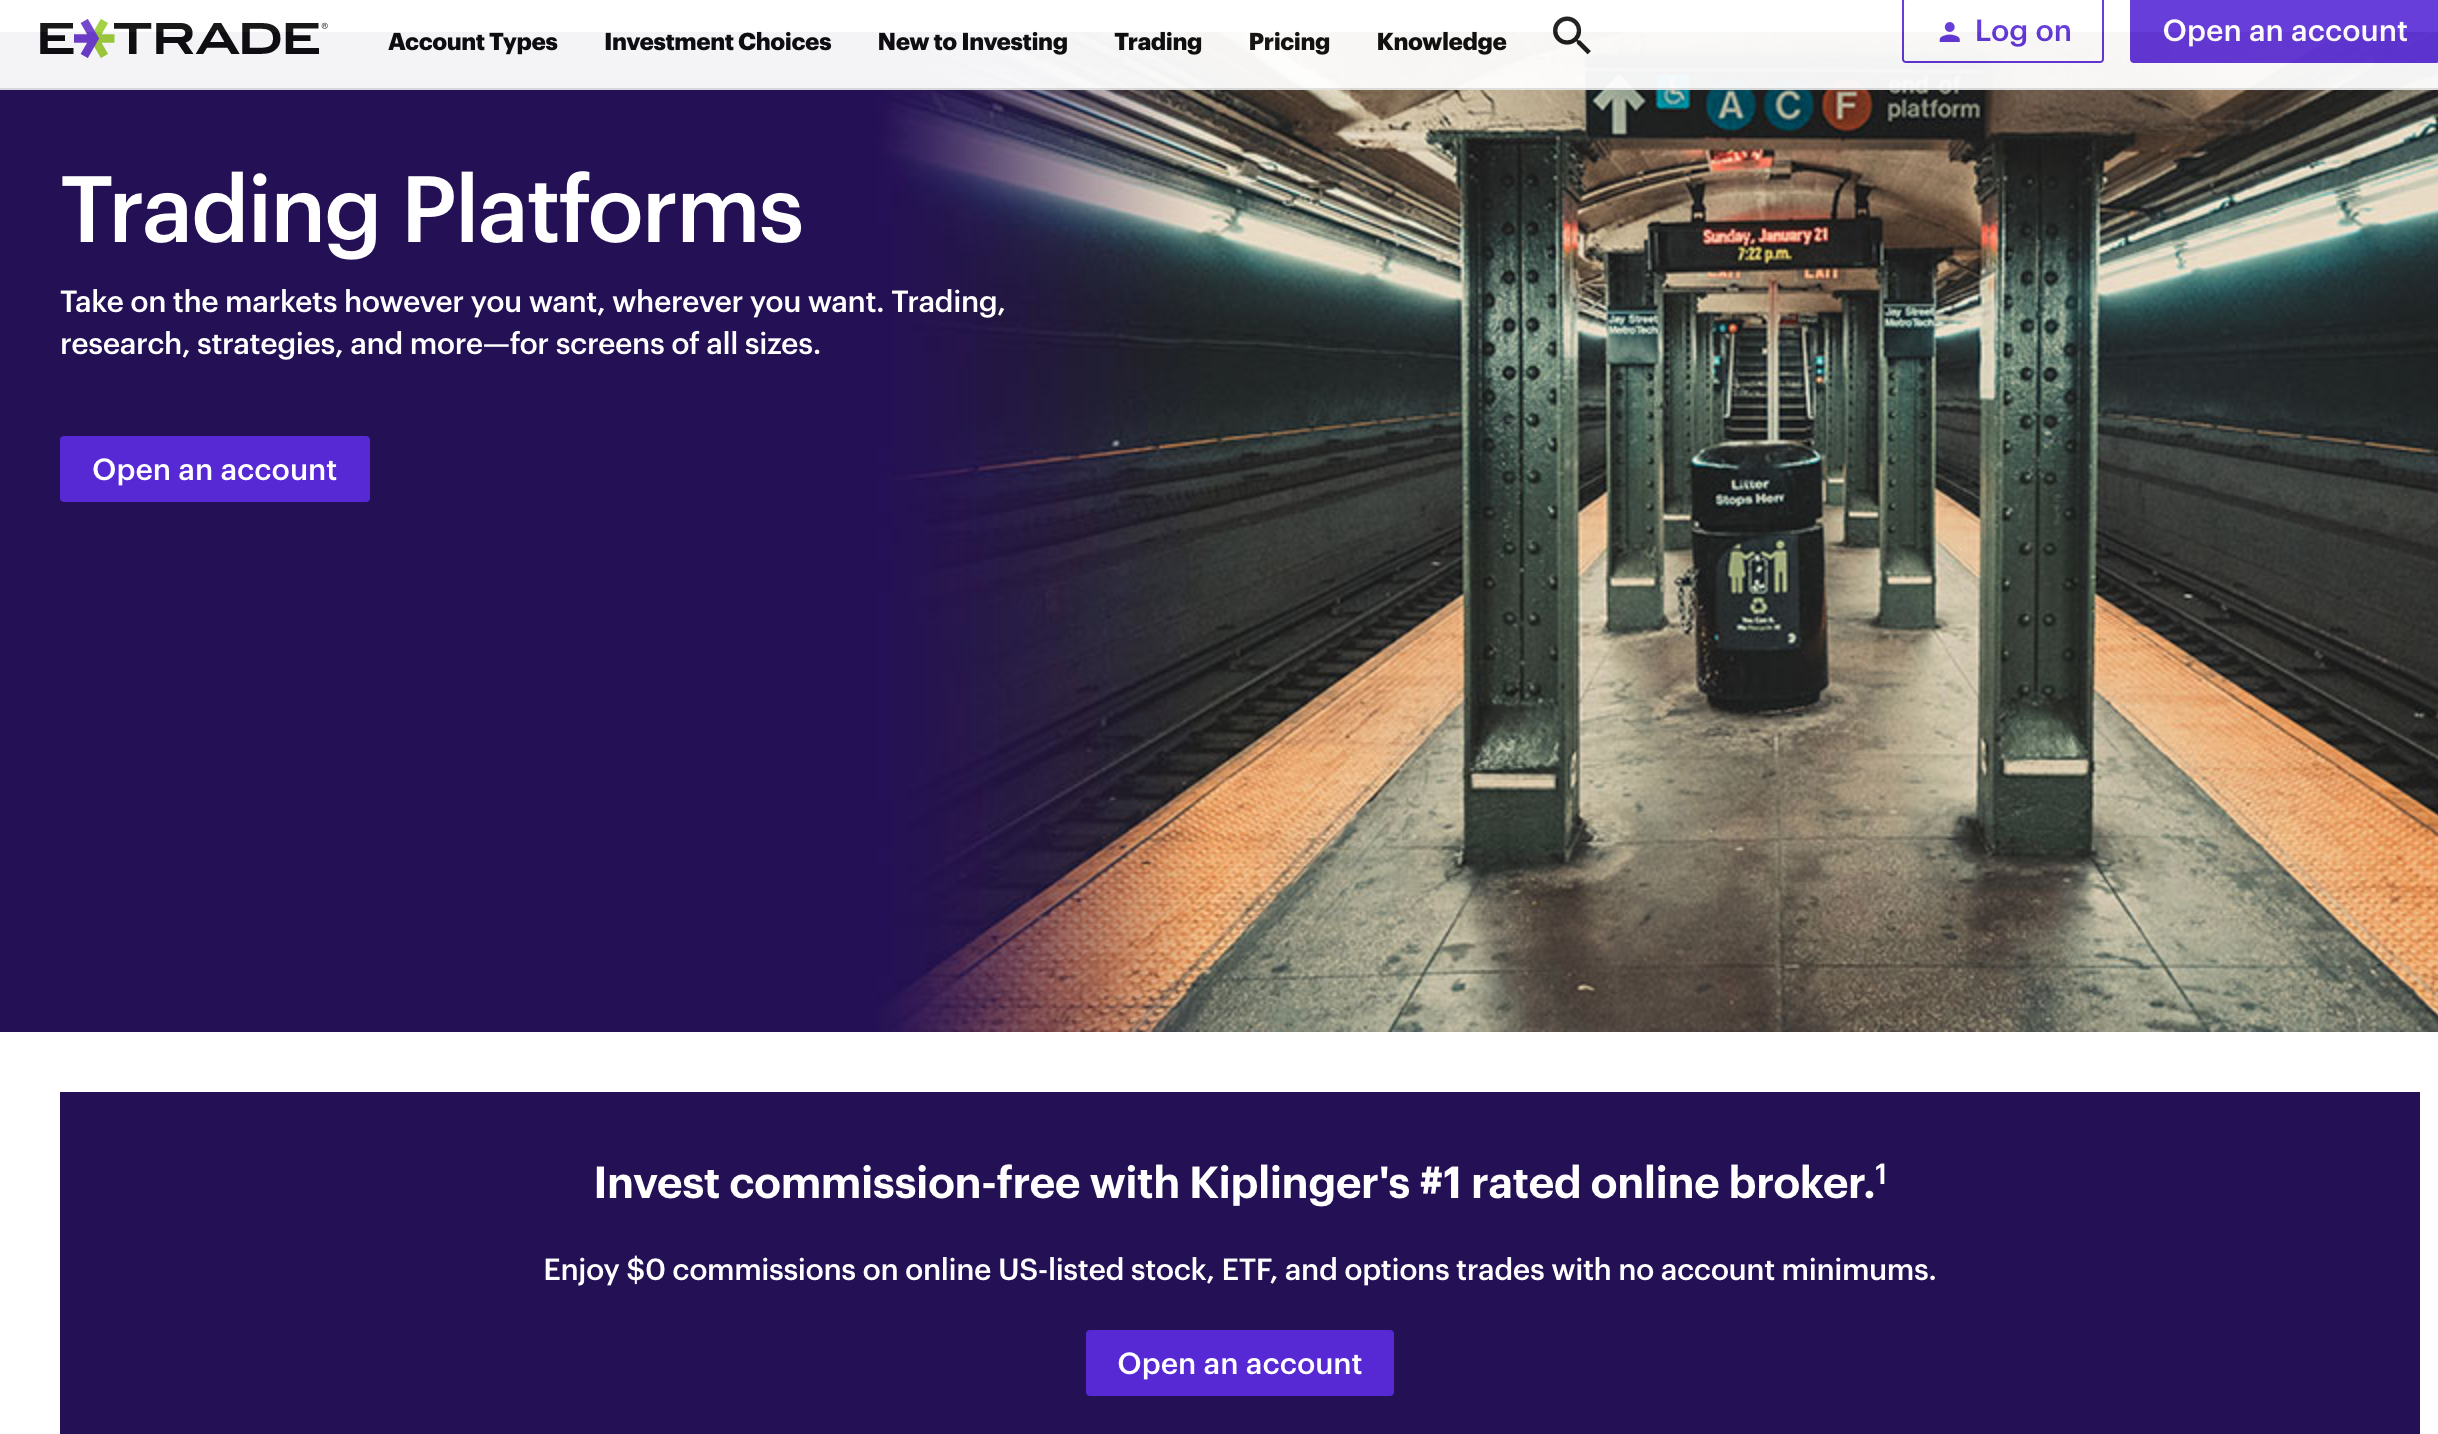 E*Trade trading platforms